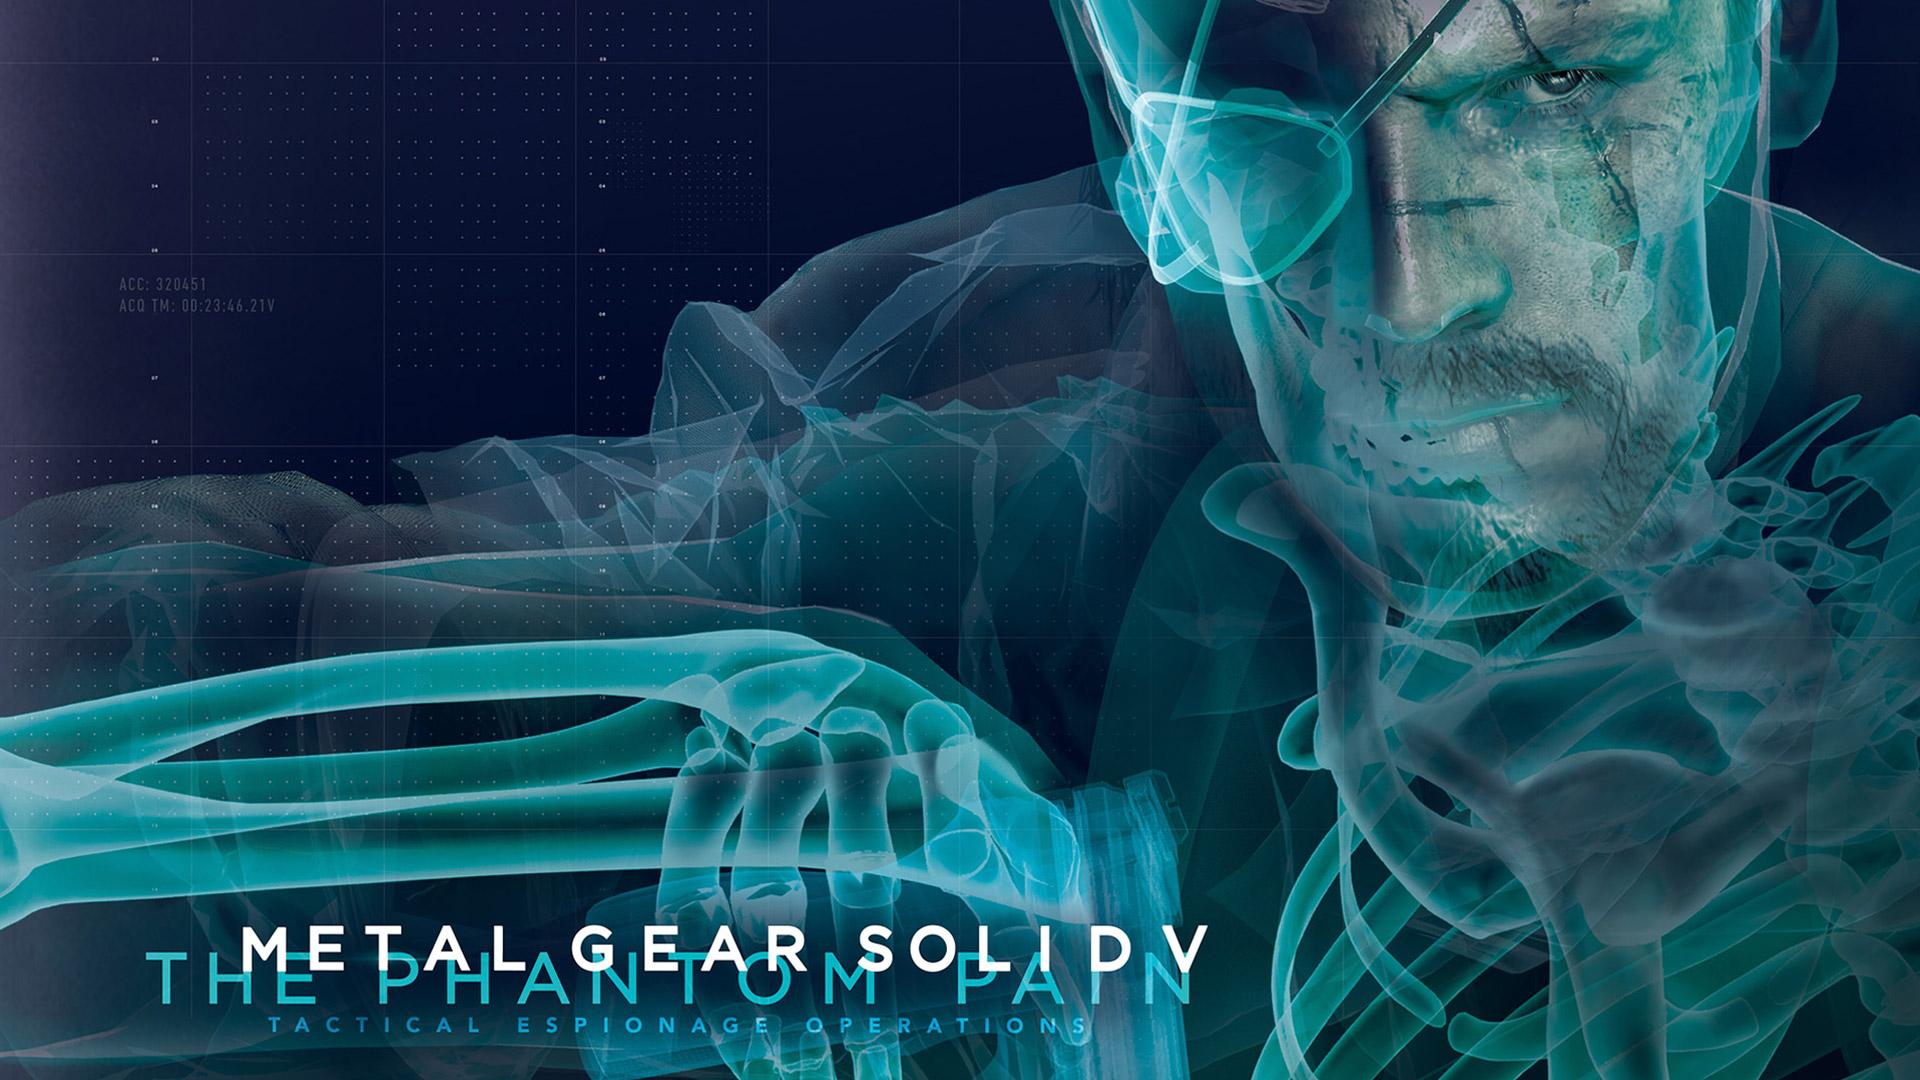 Metal Gear Solid V The Phantom Pain Wallpaper 15 Wallpapersbq